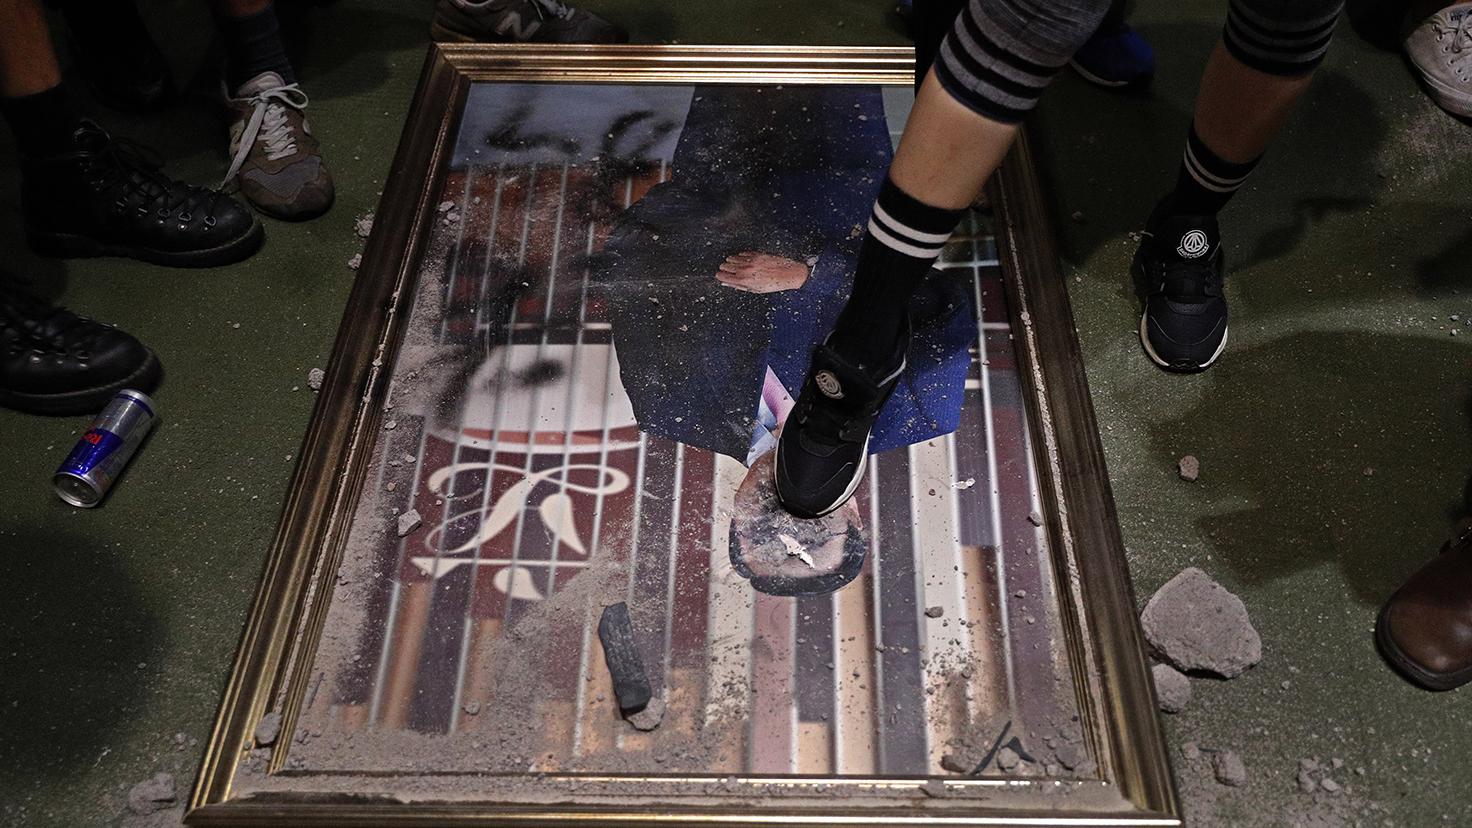 香港反對《逃犯條例》修訂示威人士衝進香港立法會大樓拆下立法會領袖畫像踩踏。(美聯社)